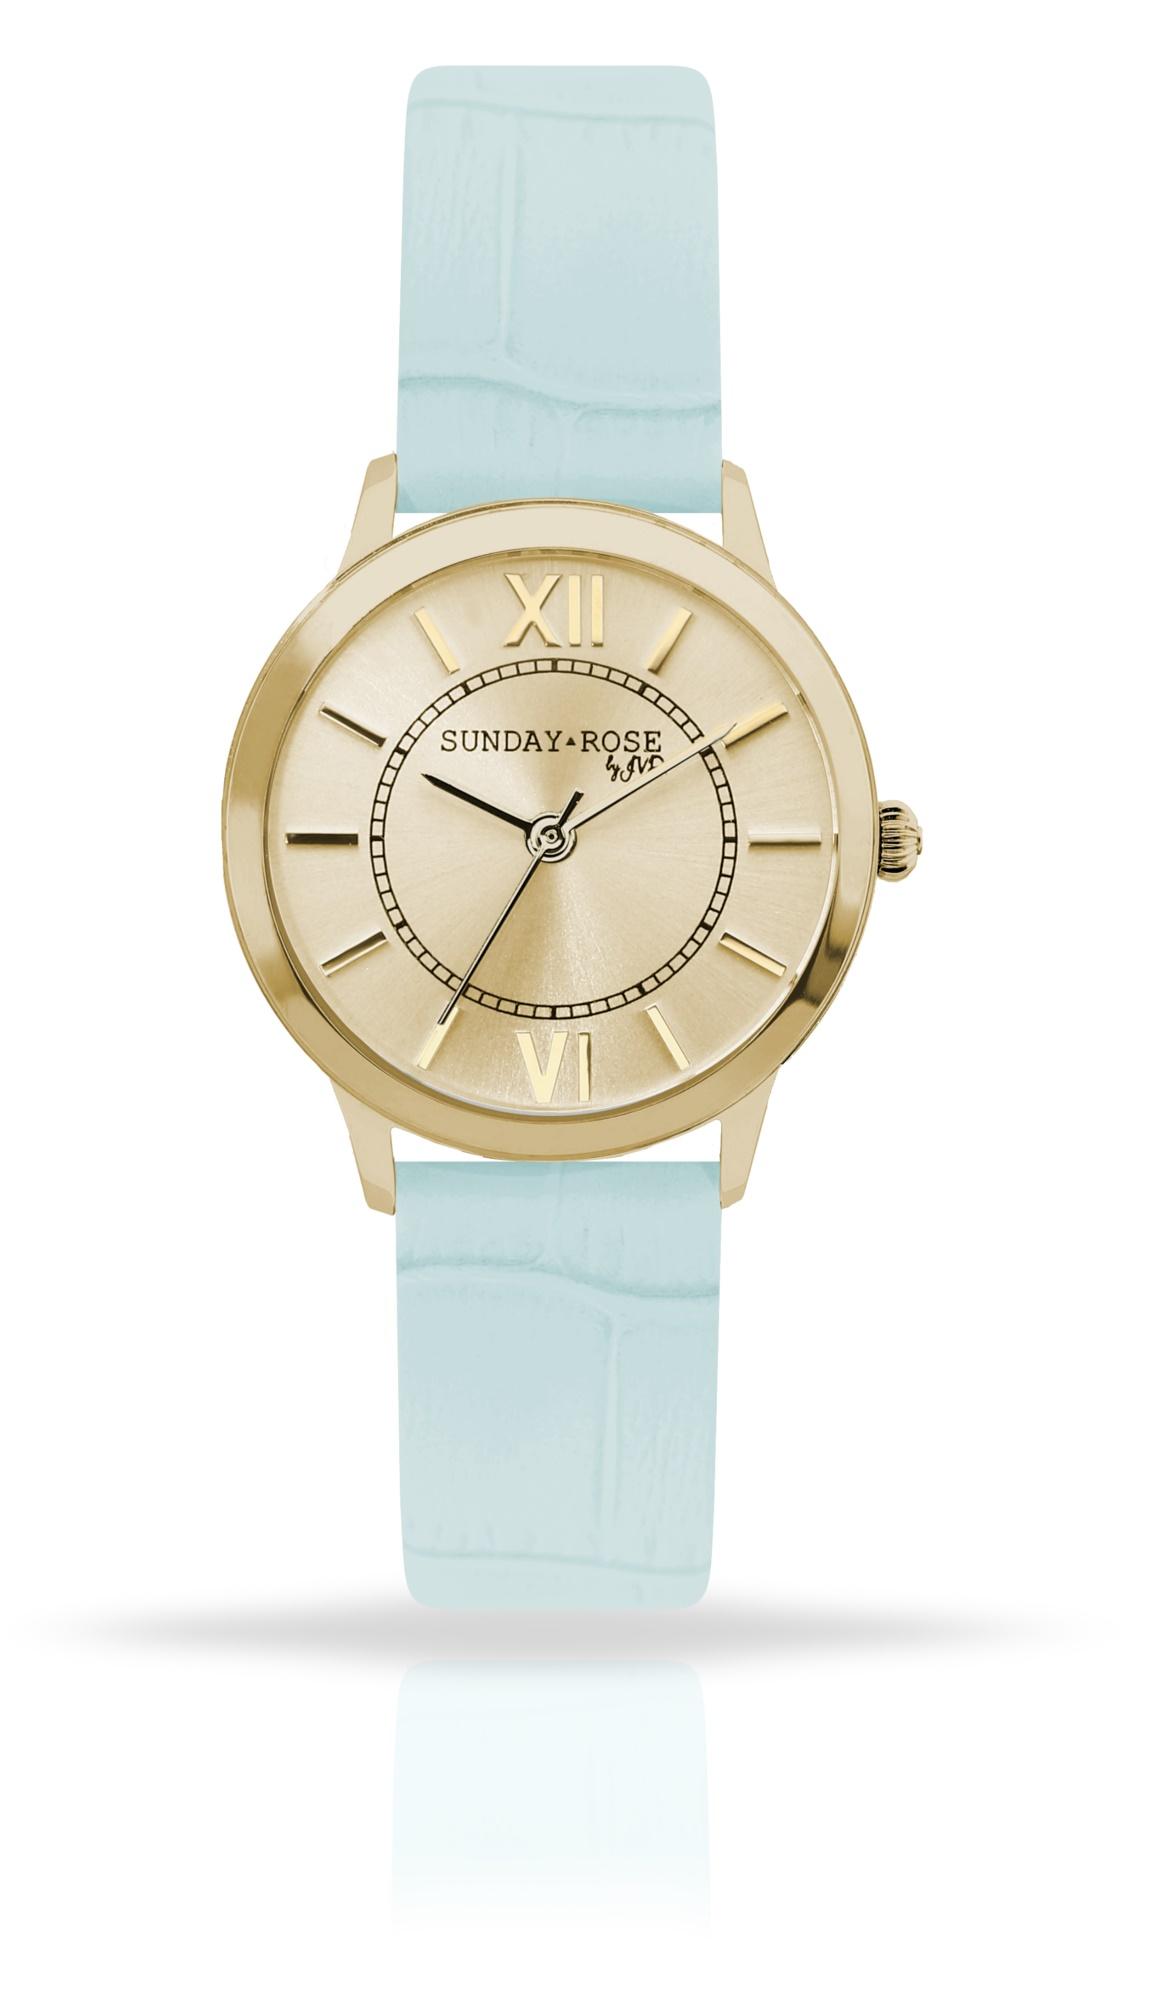 Dámské luxusní designové hodinky SUNDAY ROSE Darling MINT GREEN (POŠTOVNÉ ZDARMA!! - modré)